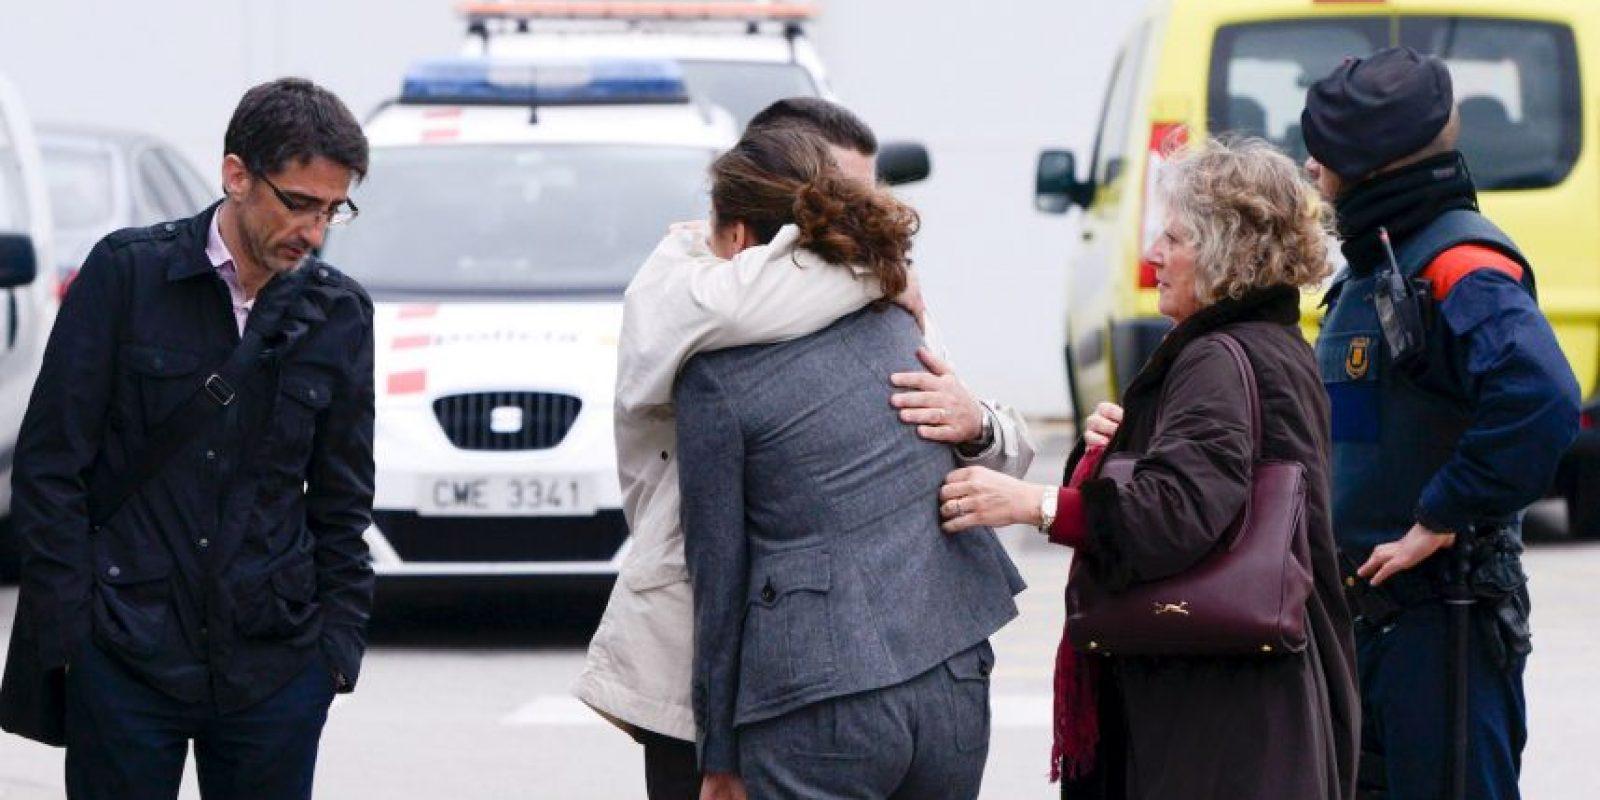 Familiares llegando al Aeropuerto El Prat de Barcelona Foto:Getty Images